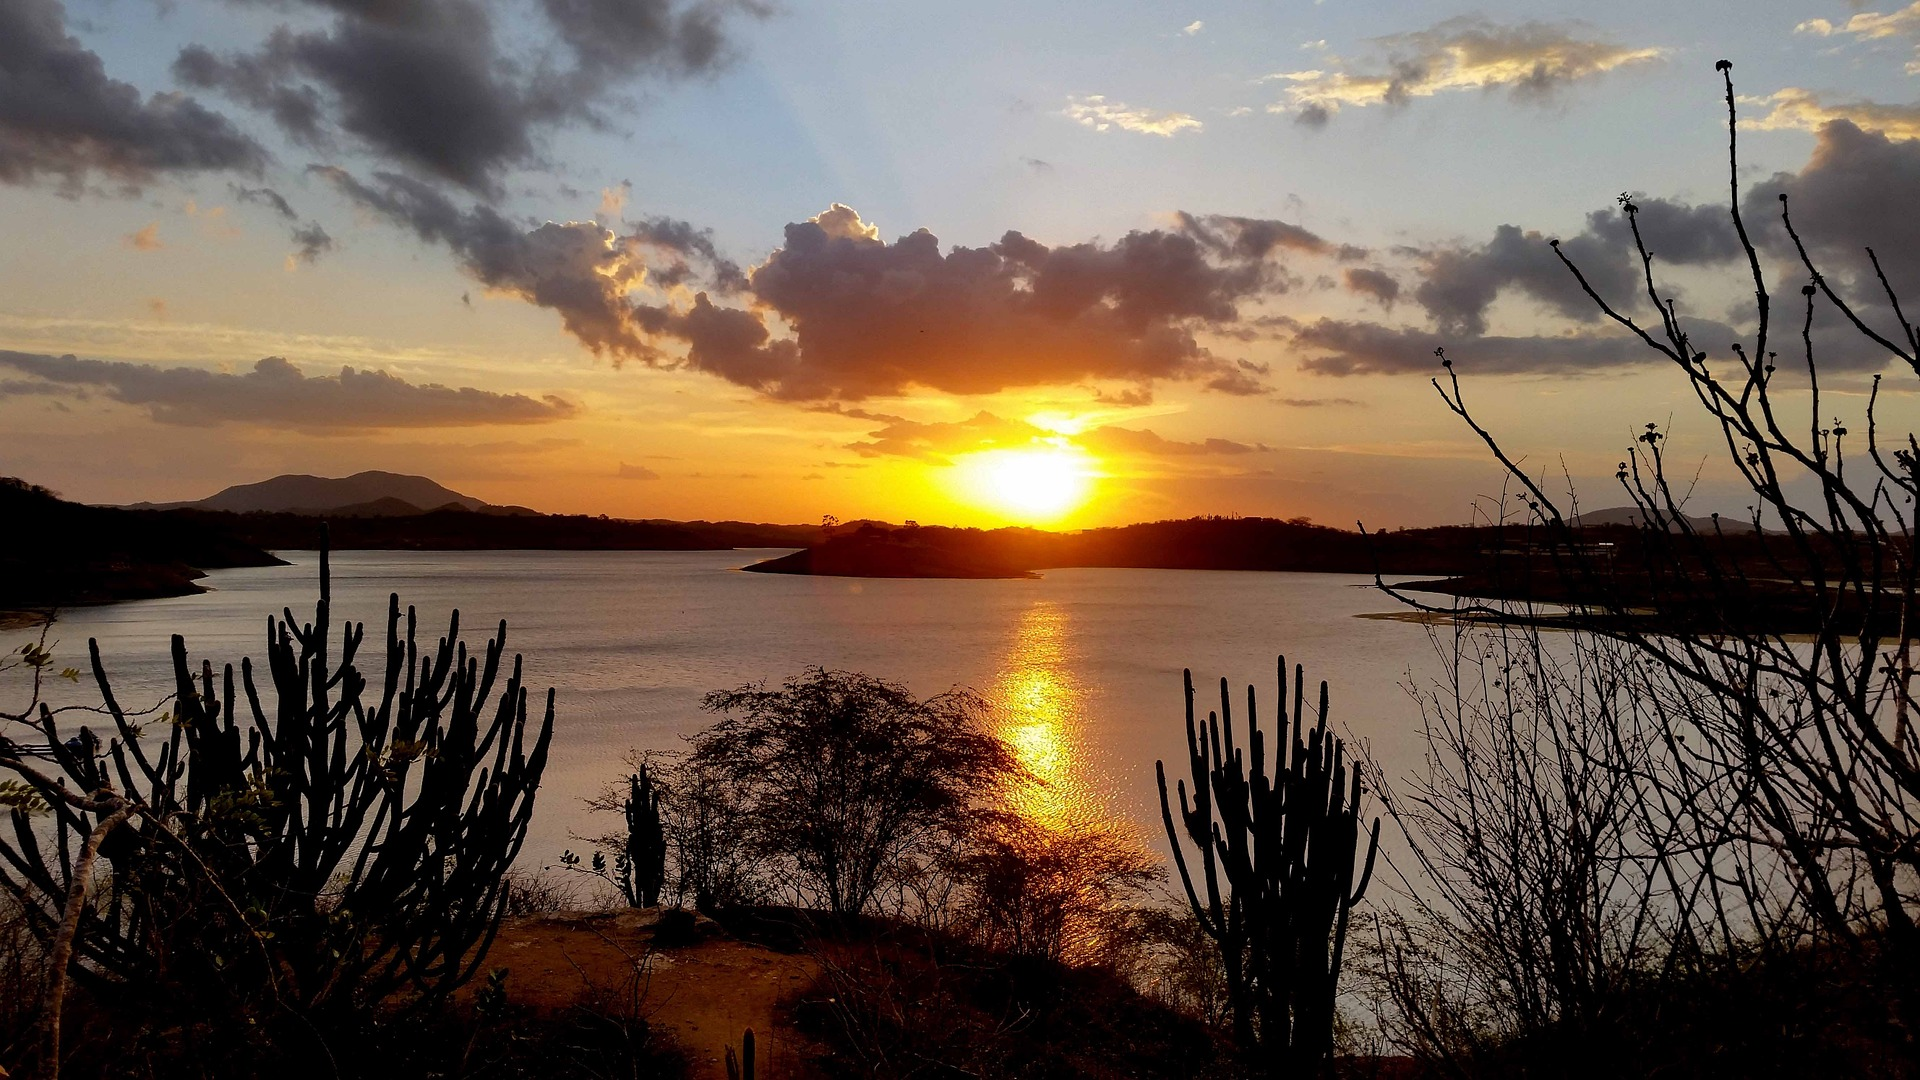 Montadas - Paraíba